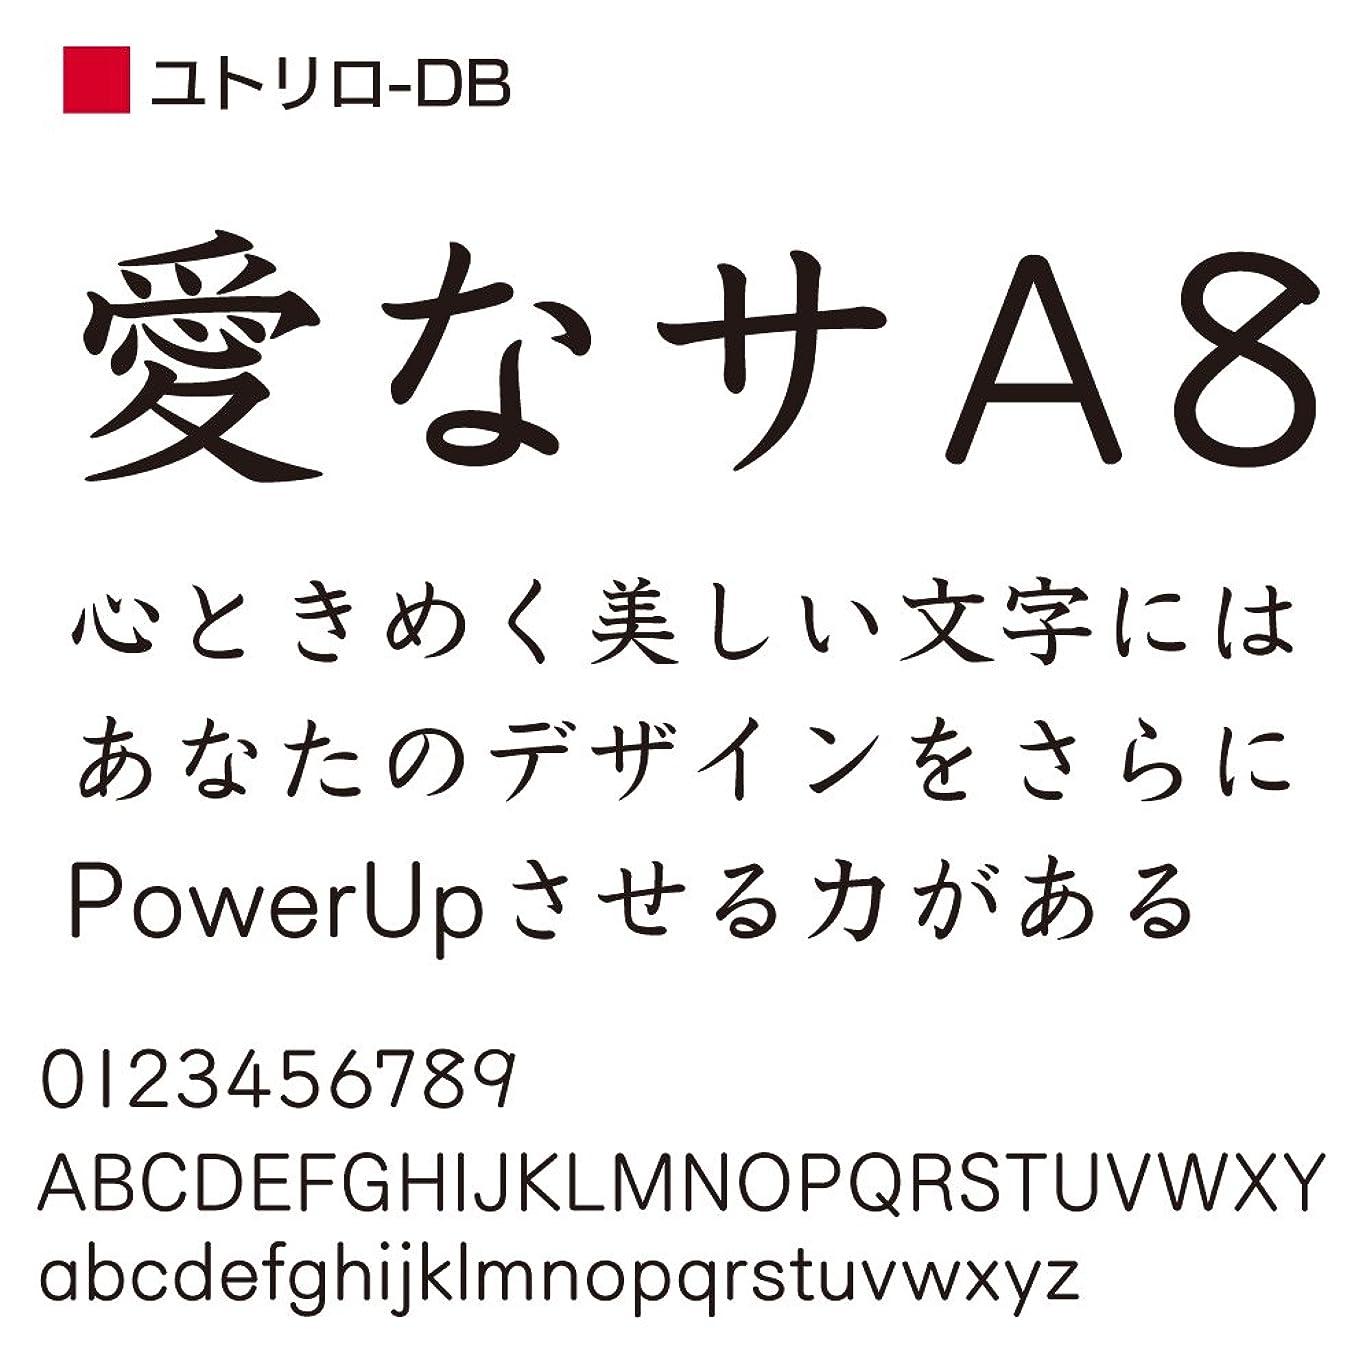 寛解許さない好色なOpenType ユトリロ Pro-DB for Mac [ダウンロード]